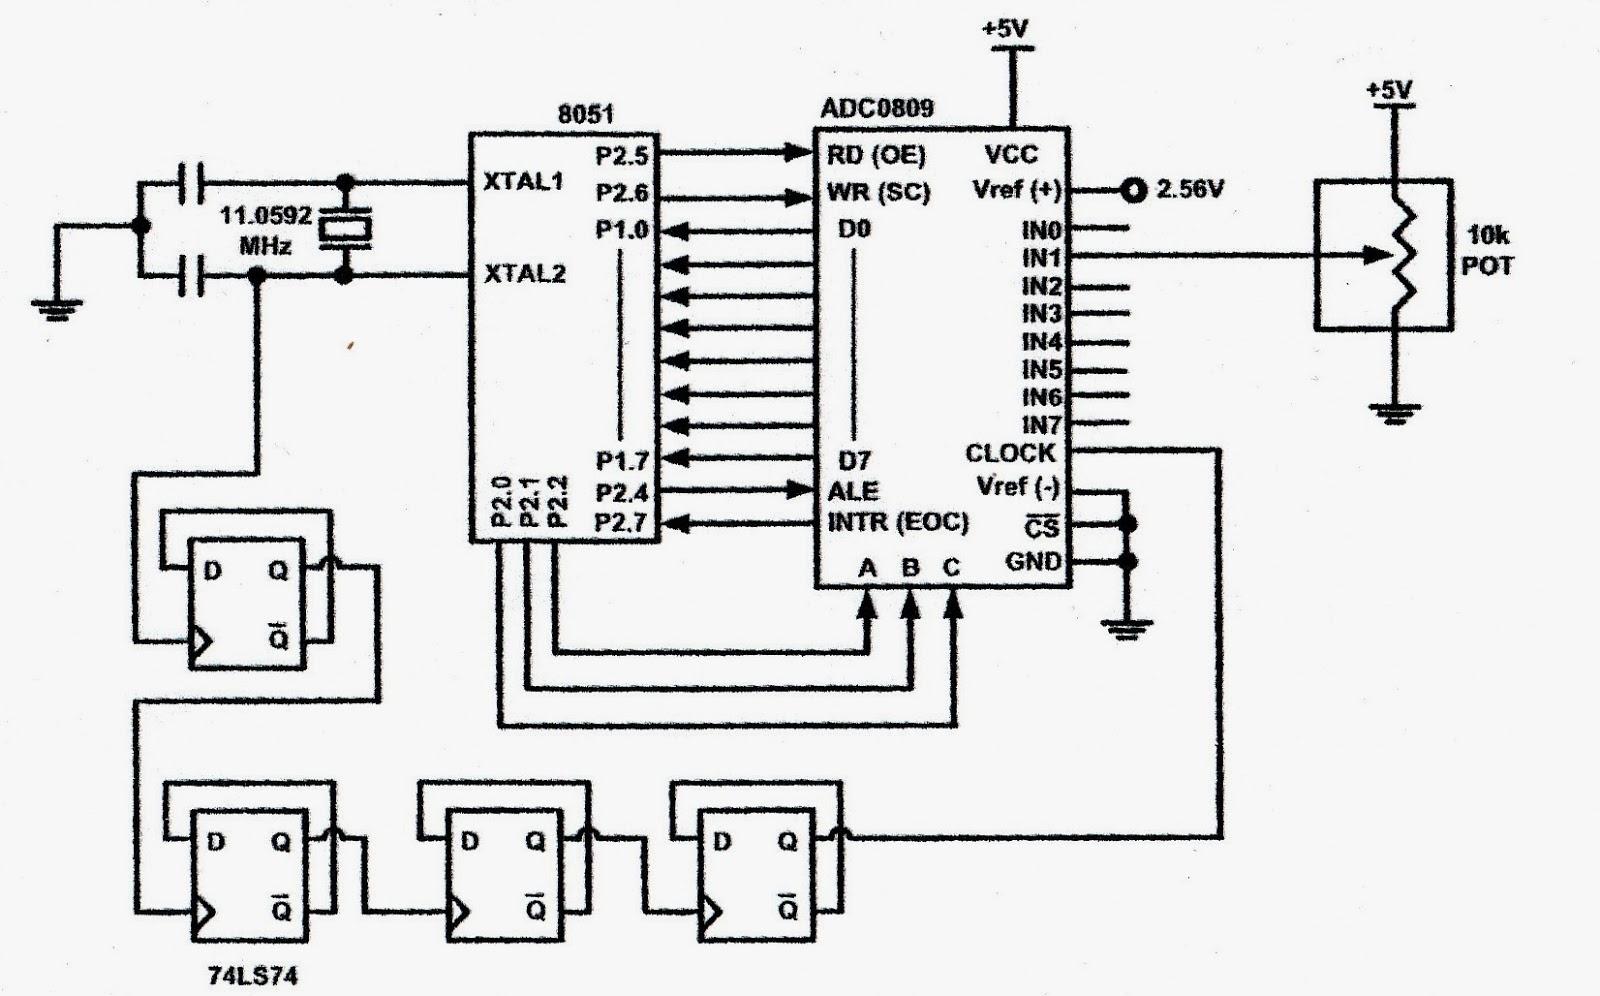 medium resolution of block diagram of adc0809 wiring diagram blog block diagram of adc0809